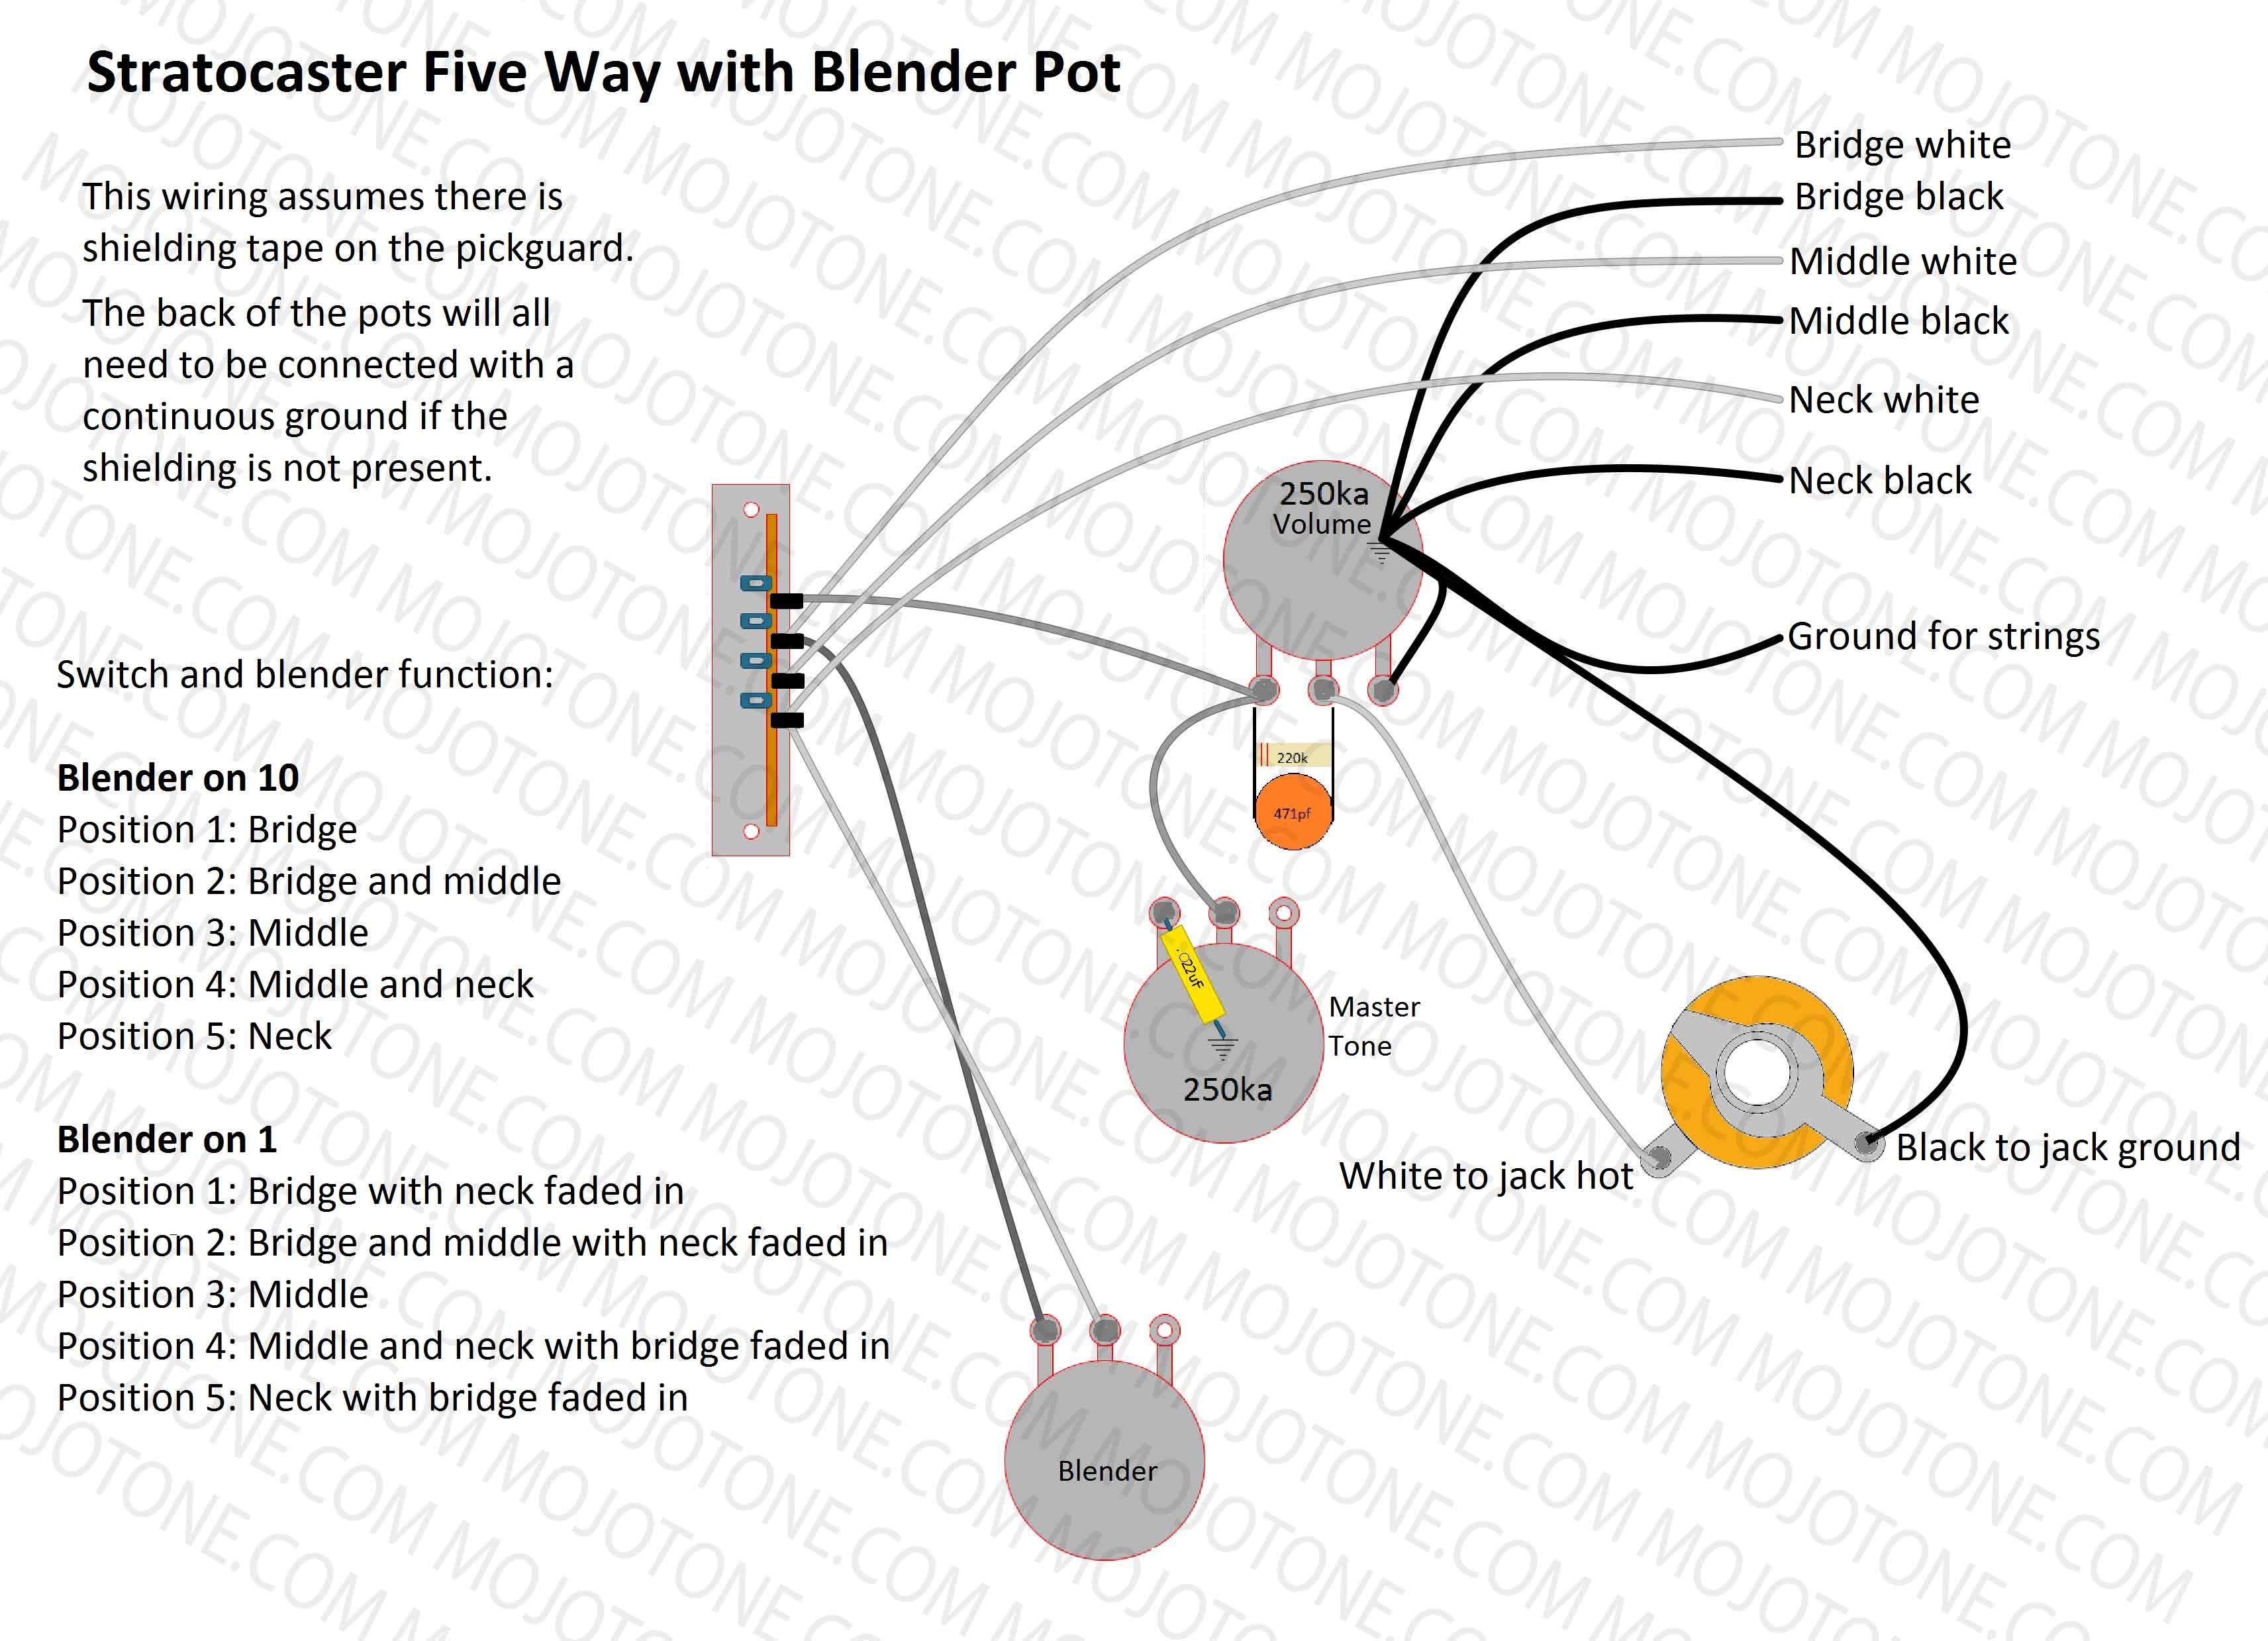 Stratocaster Blender Wiring Diagram Telecaster custom